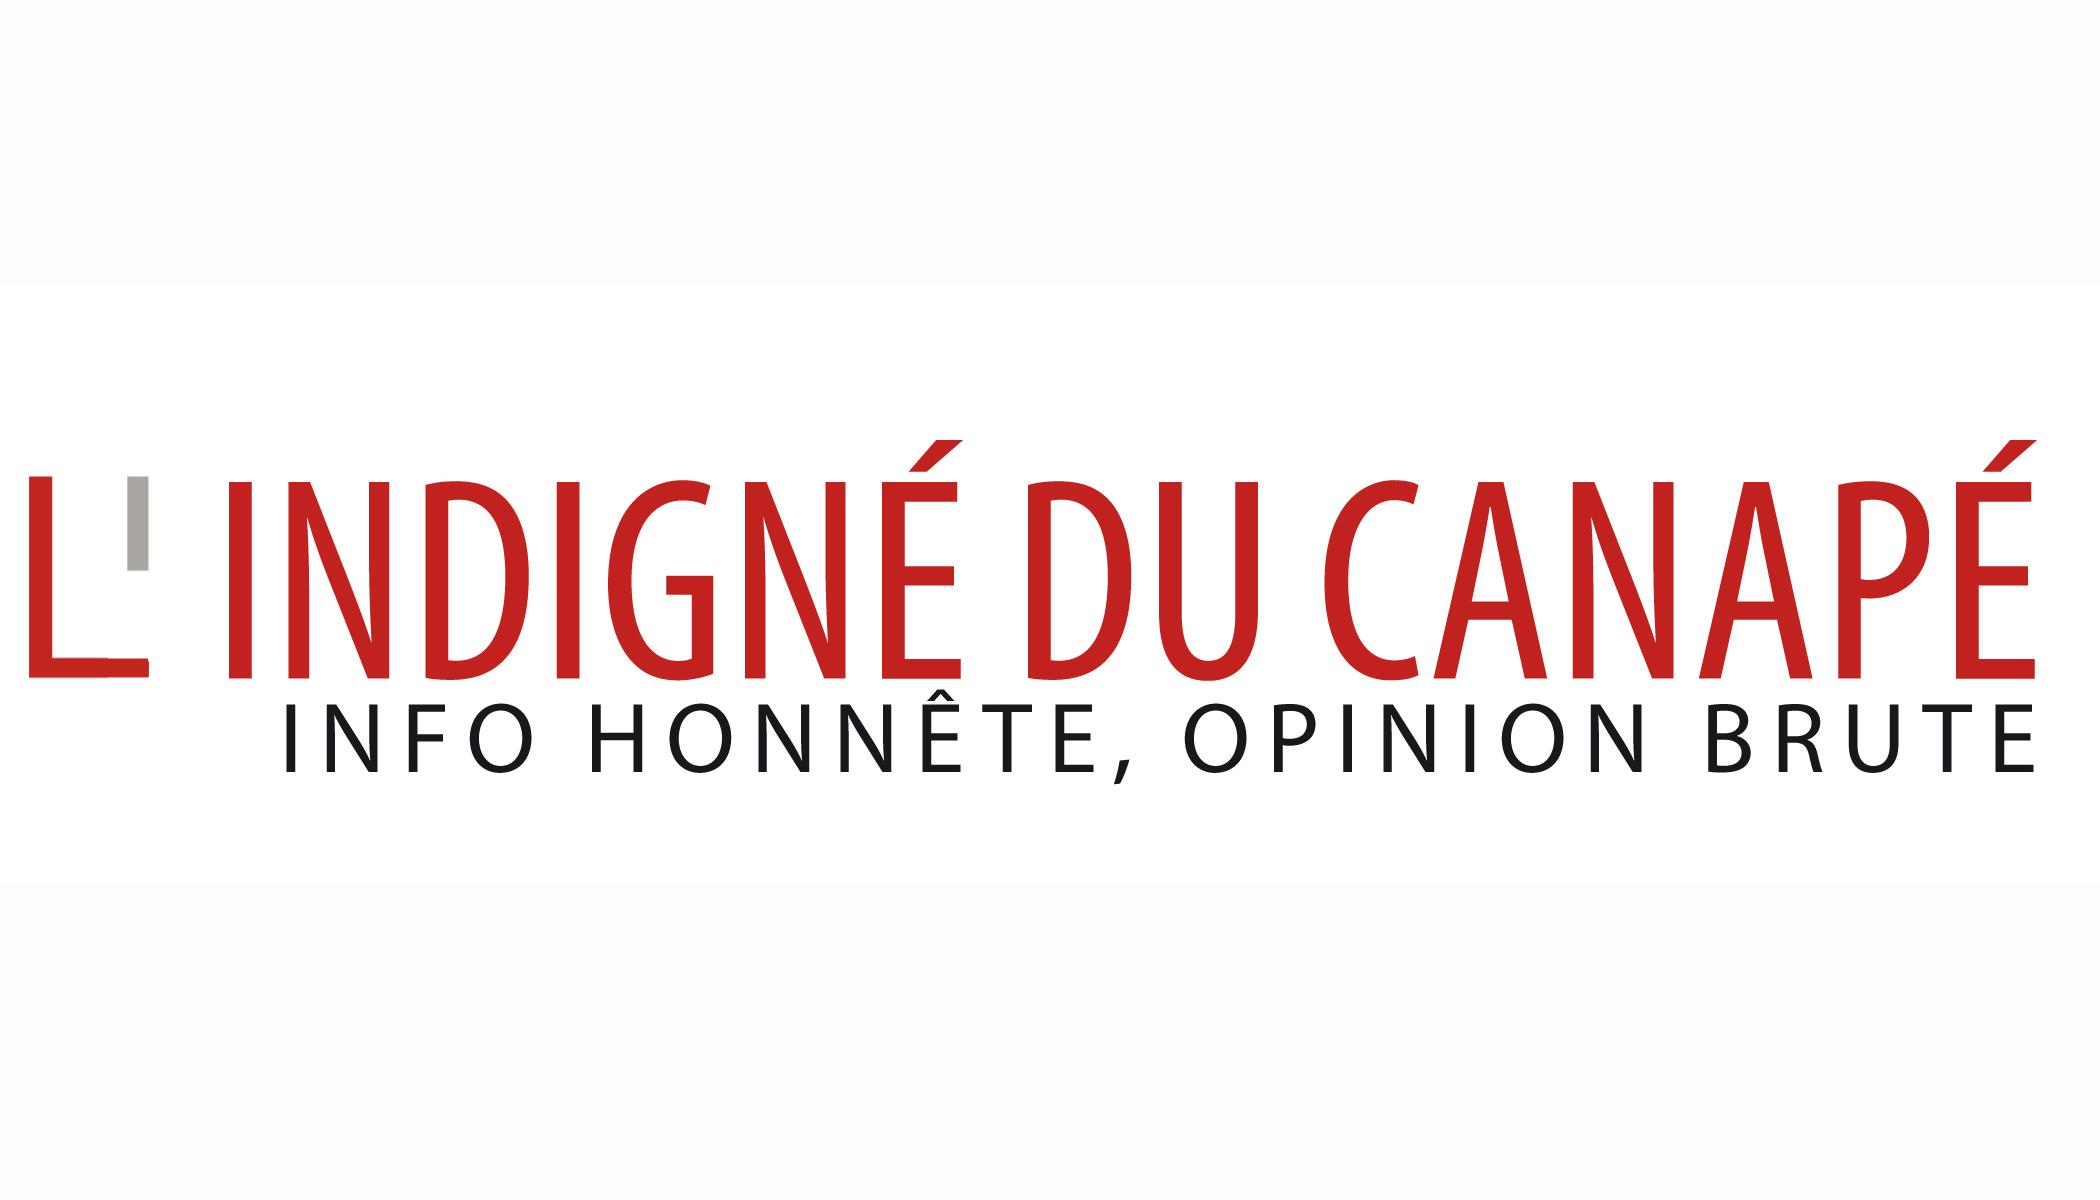 L'Indigné du Canapé